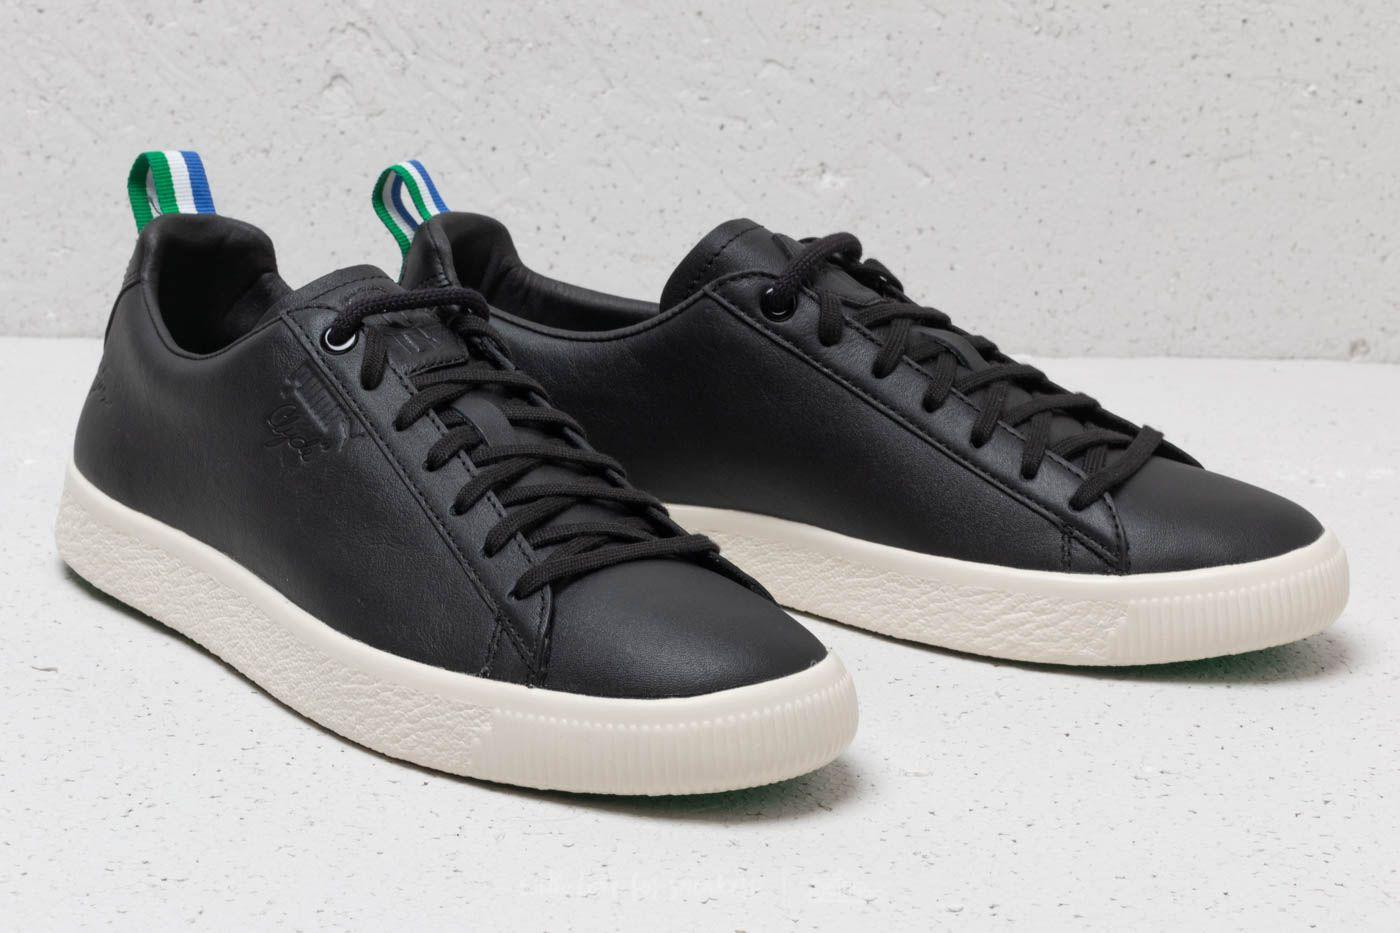 shoes Puma x Big Sean Clyde Puma Black